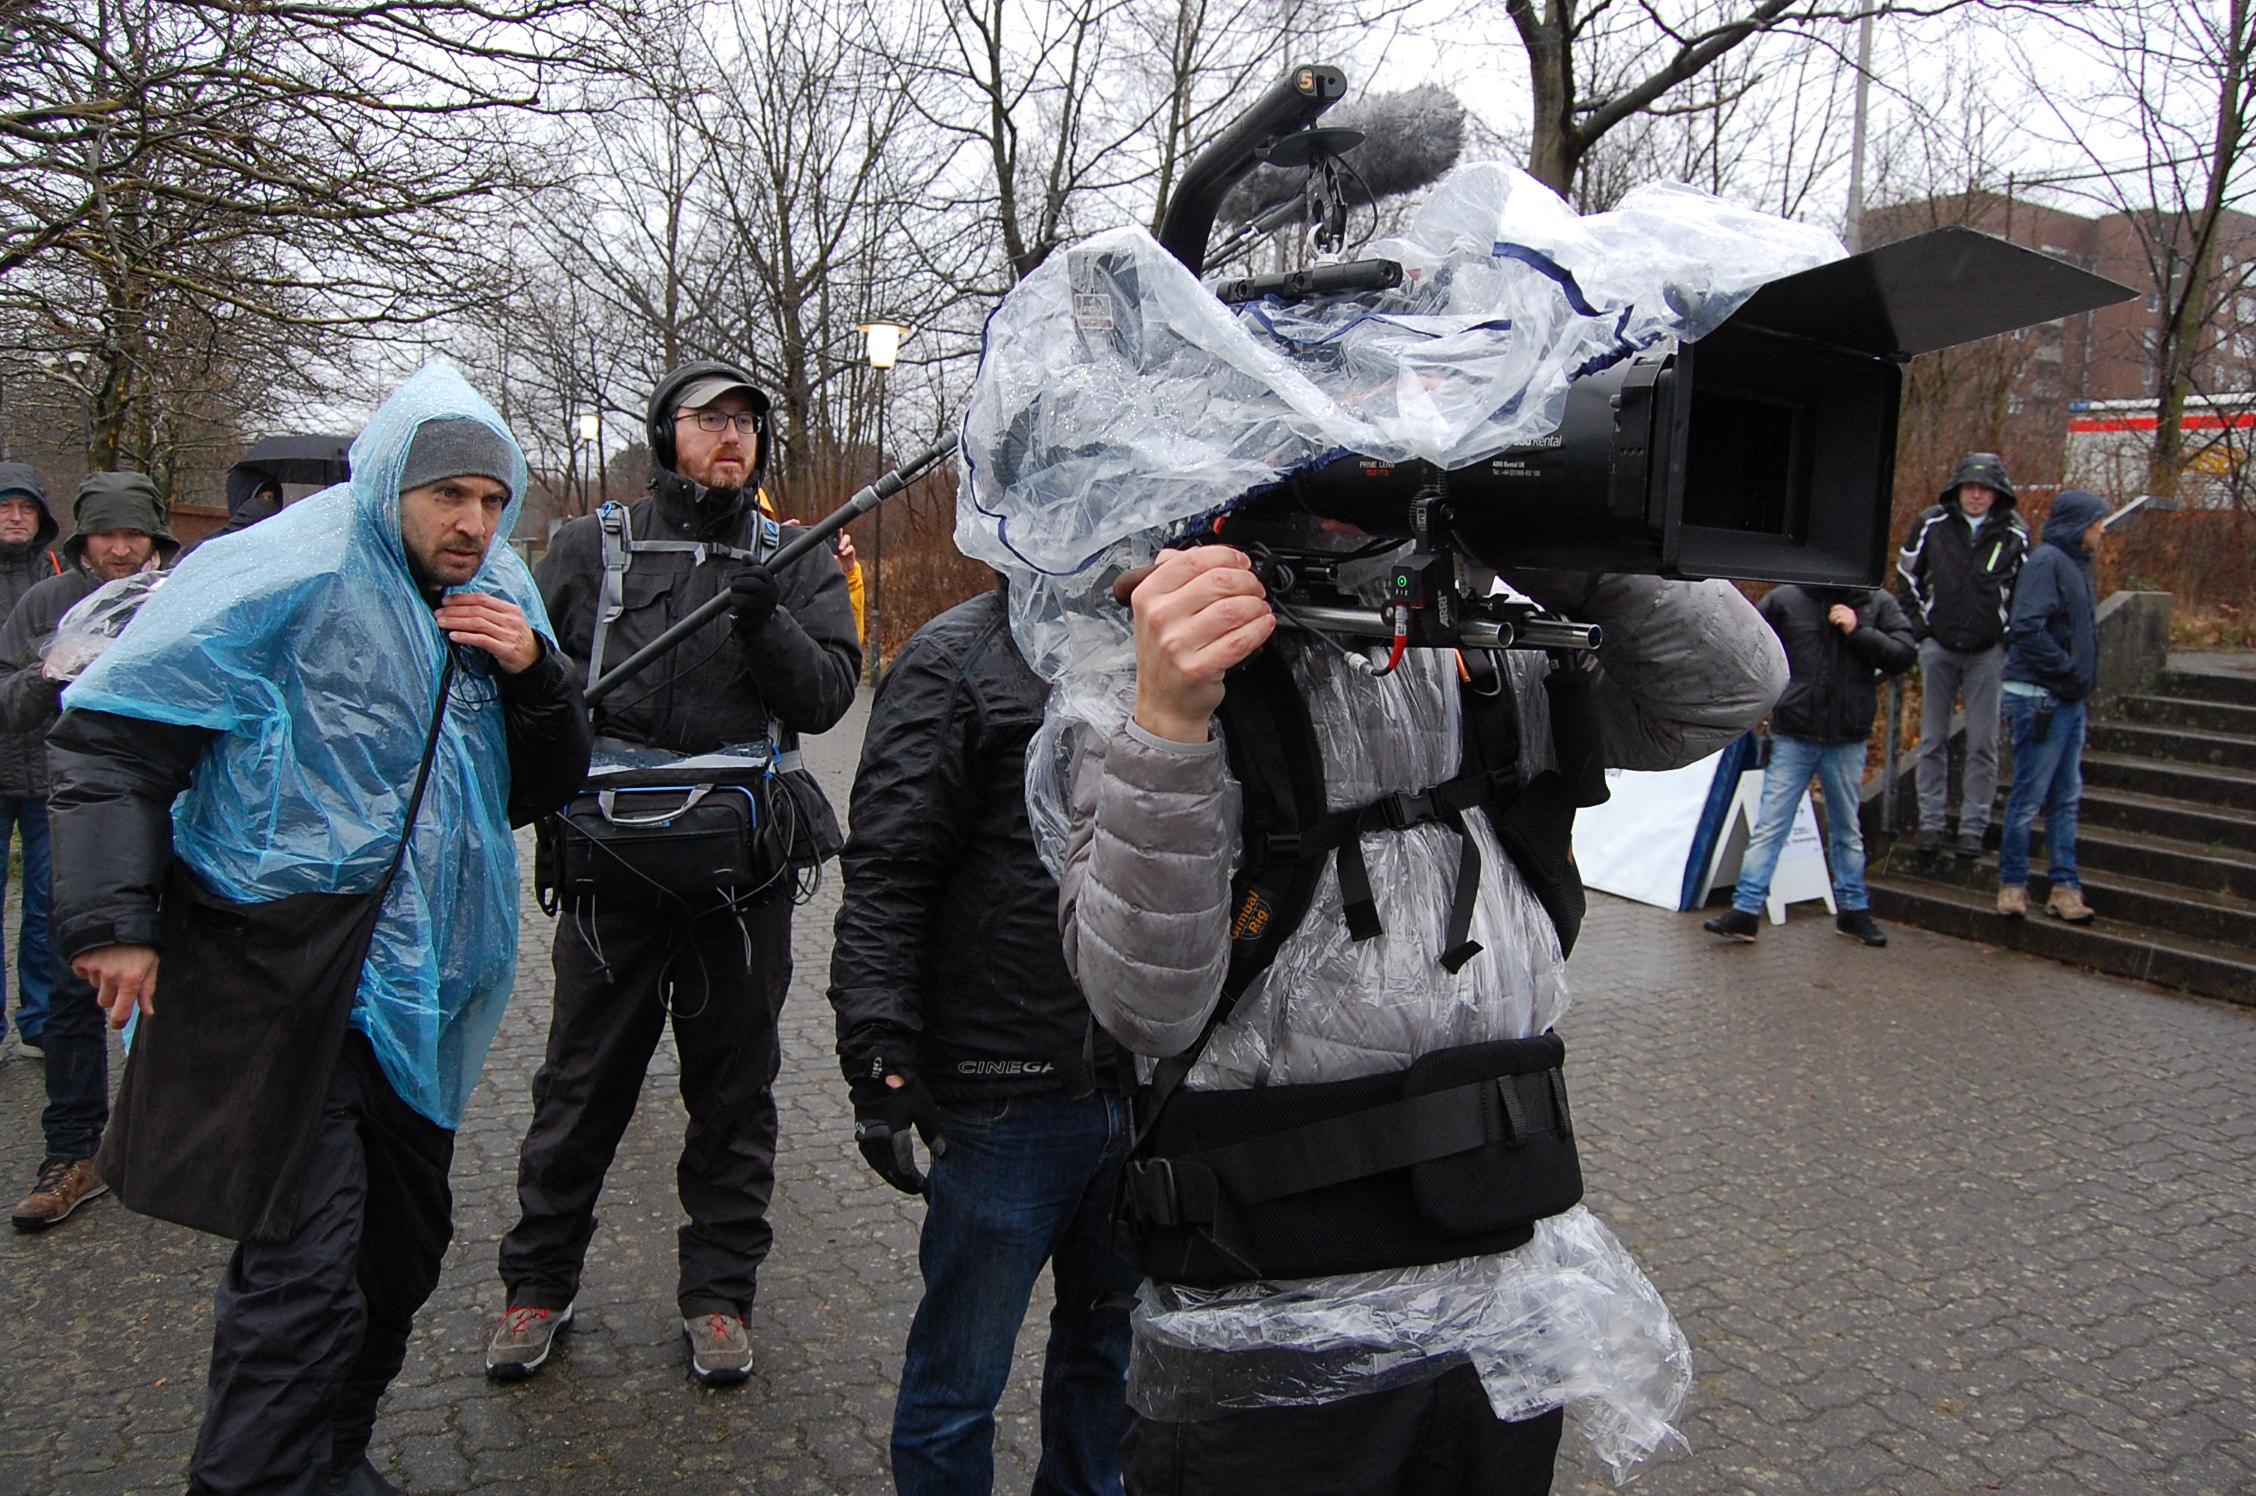 Abschlusslauf der 27. Bramfelder Winterlaufserie: Kamerateam, regendicht verschweißt